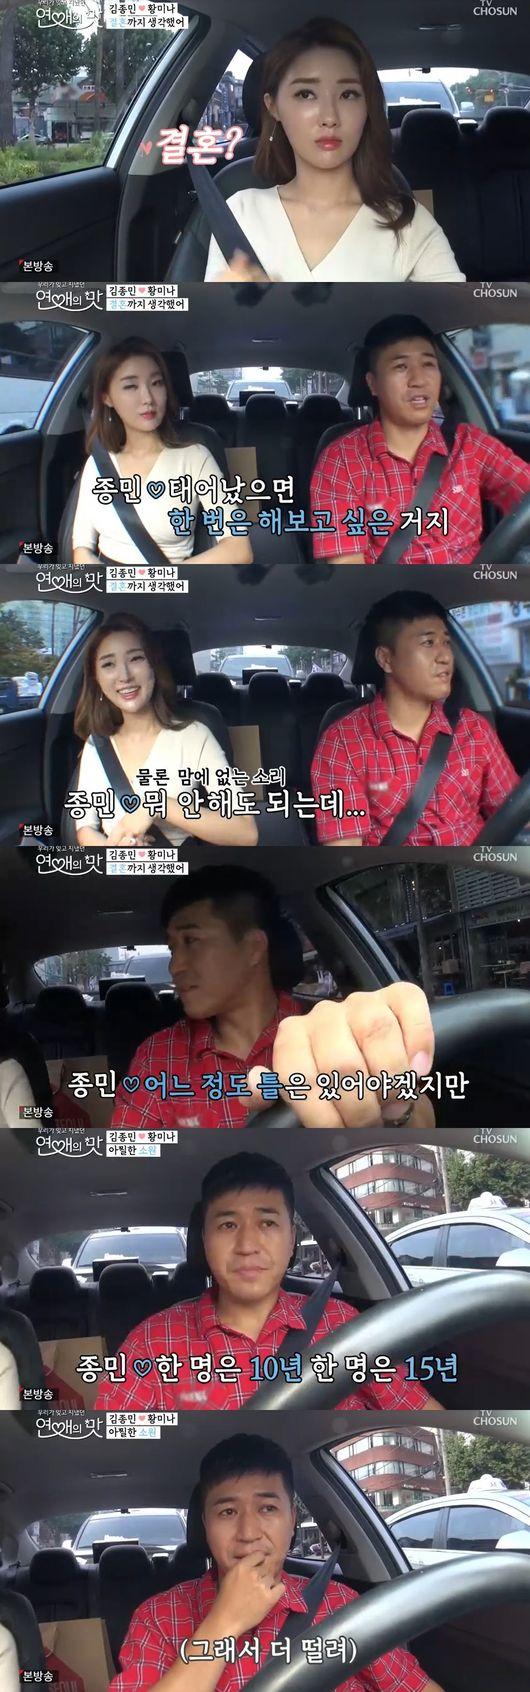 결혼하고 싶어 연애의맛 김종민, 연인 황미나에 전한 진심 [Oh!쎈리뷰]